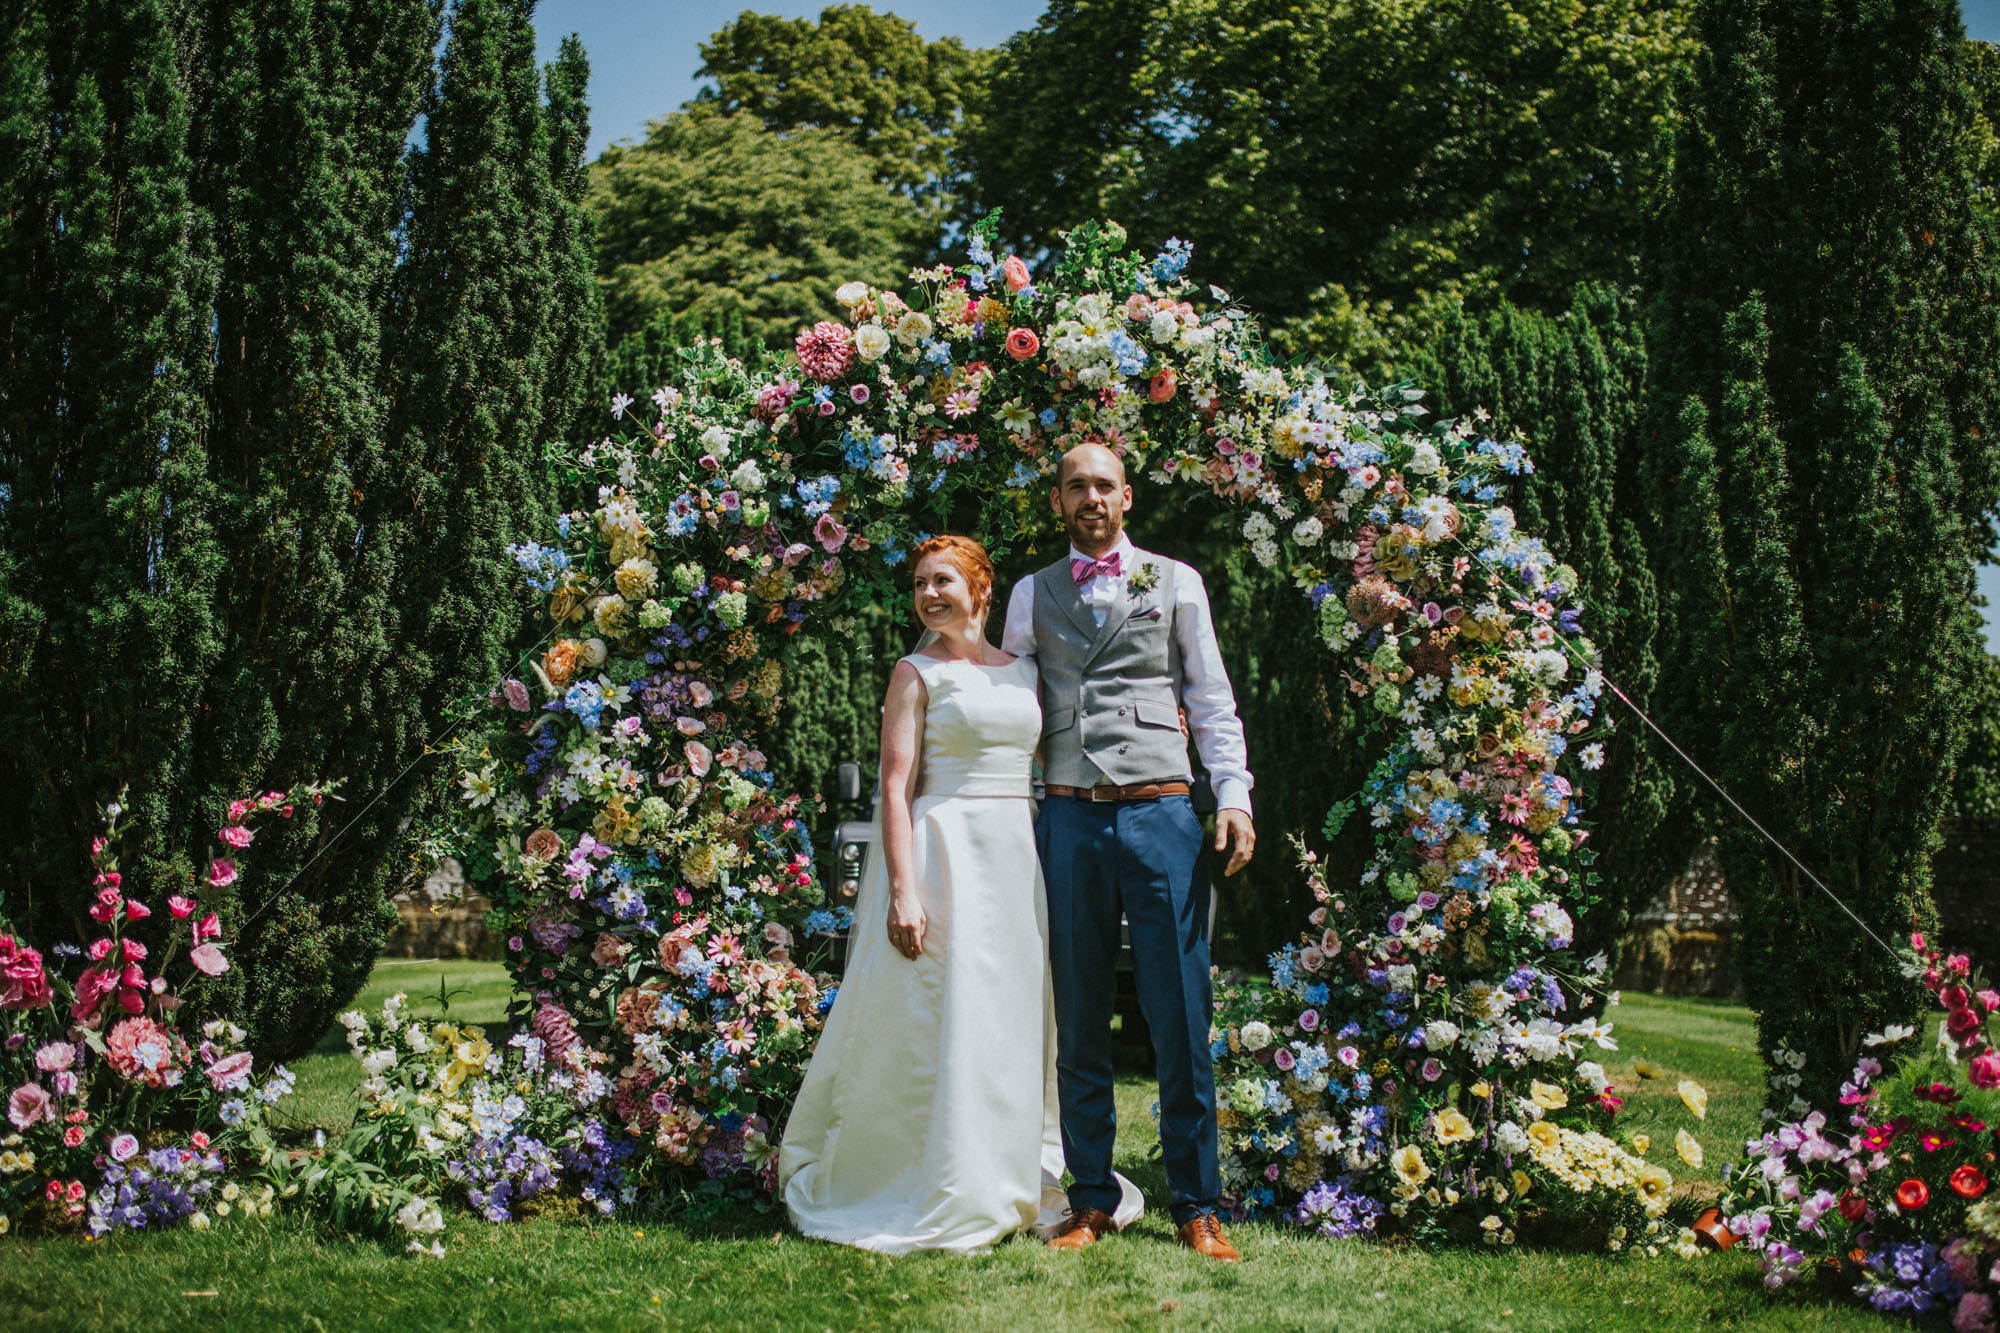 Colourful-Floral-Wedding-Arch.jpg